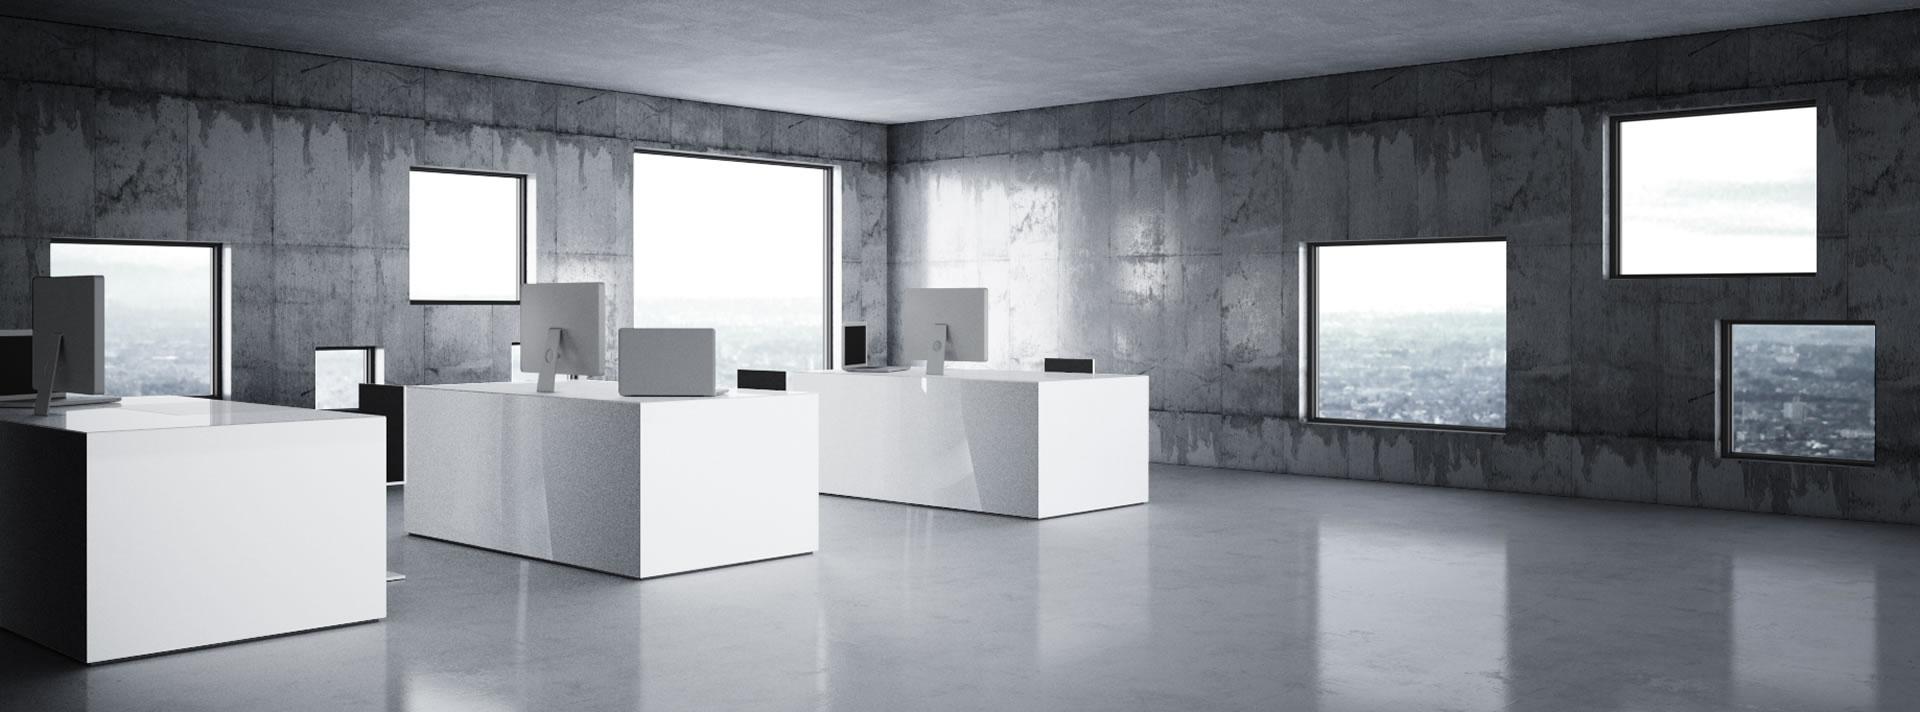 BÜROMÖBEL – weiße Design-Möbel von RECHTECK